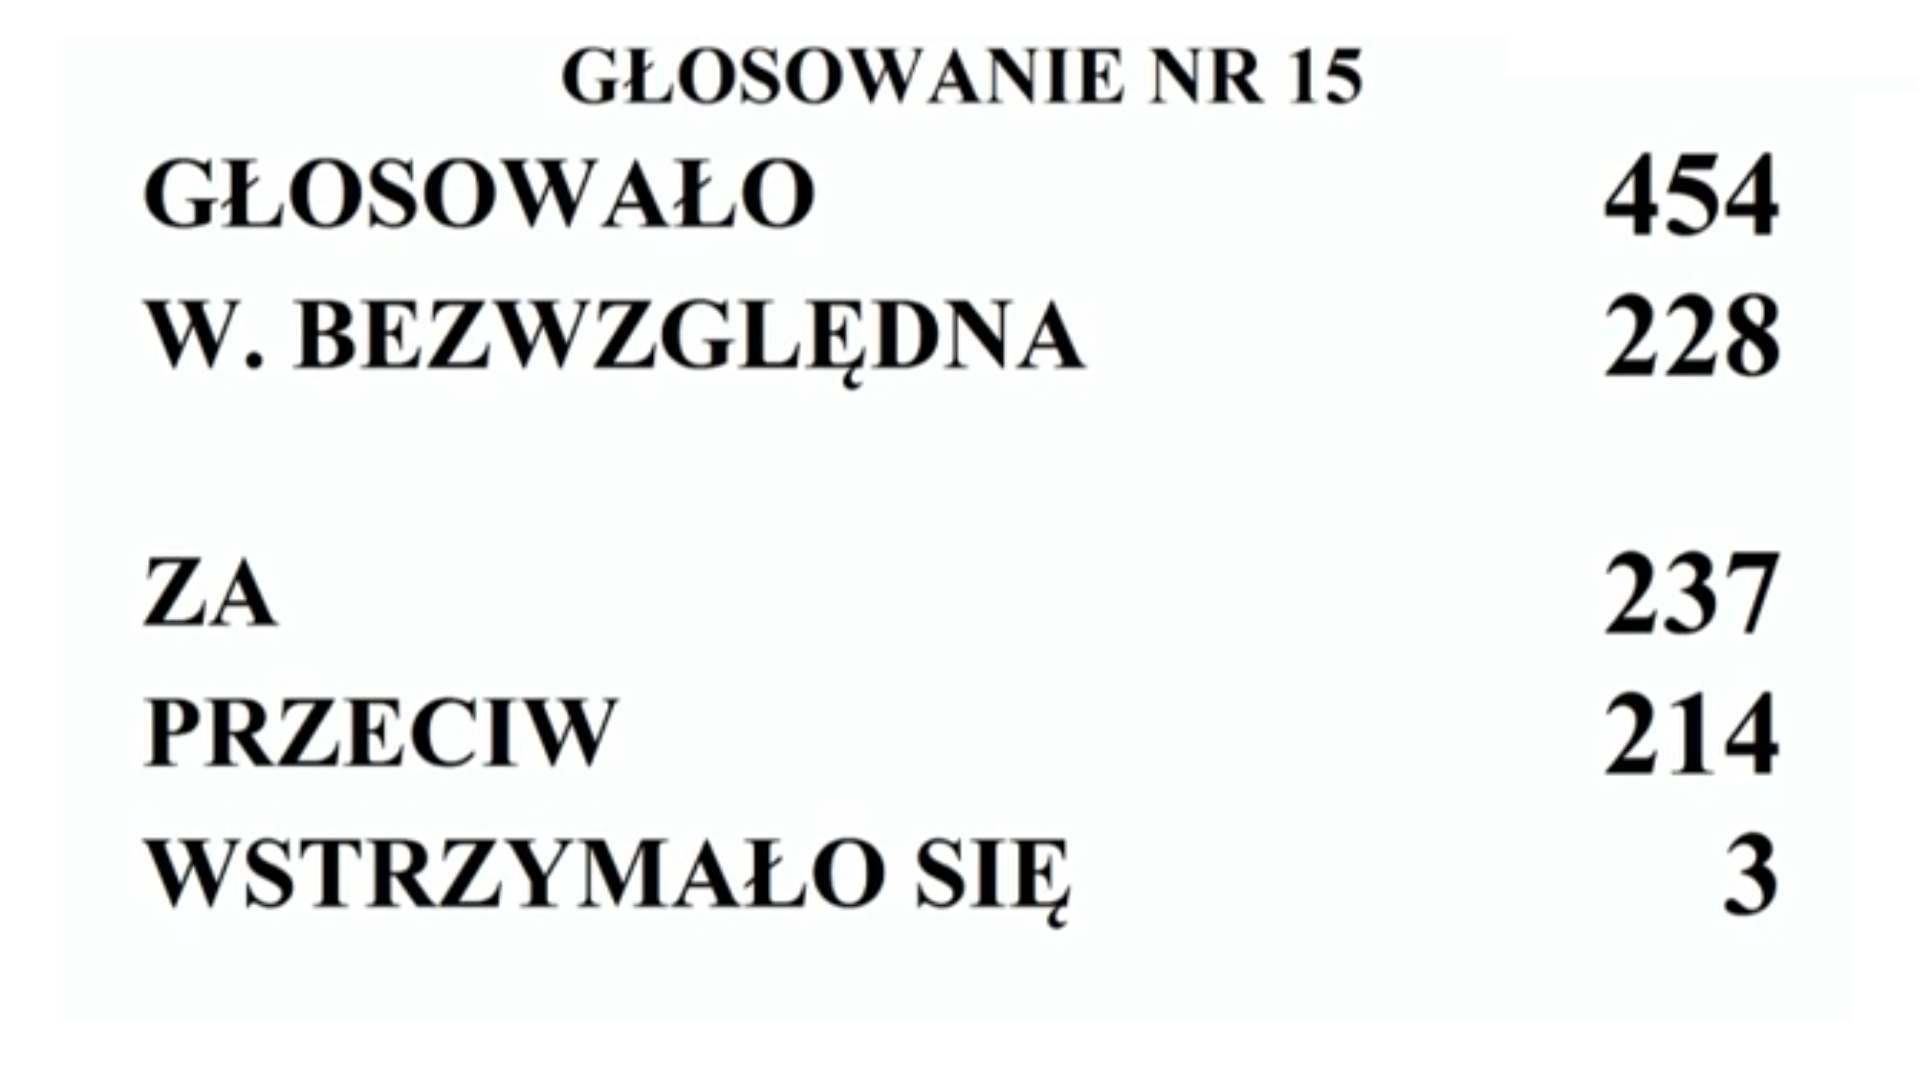 (źródło: sejm.gov.pl)